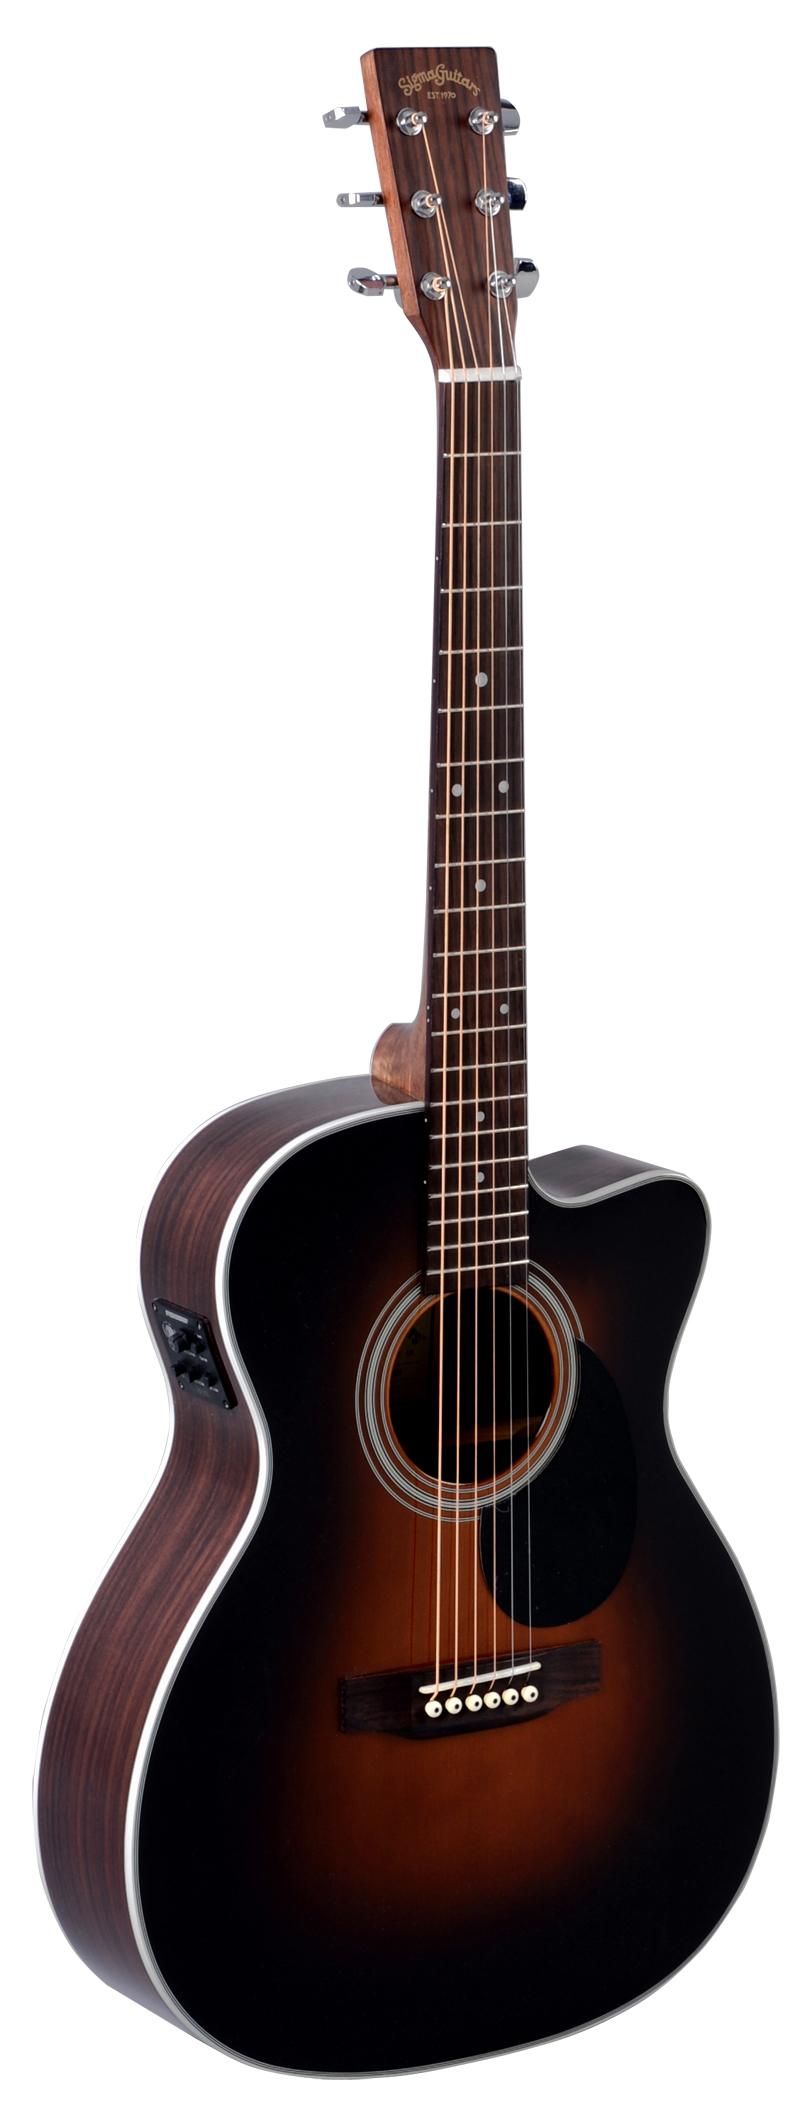 Billede af Sigma OMRC-1STE-SB western-guitar sunburst